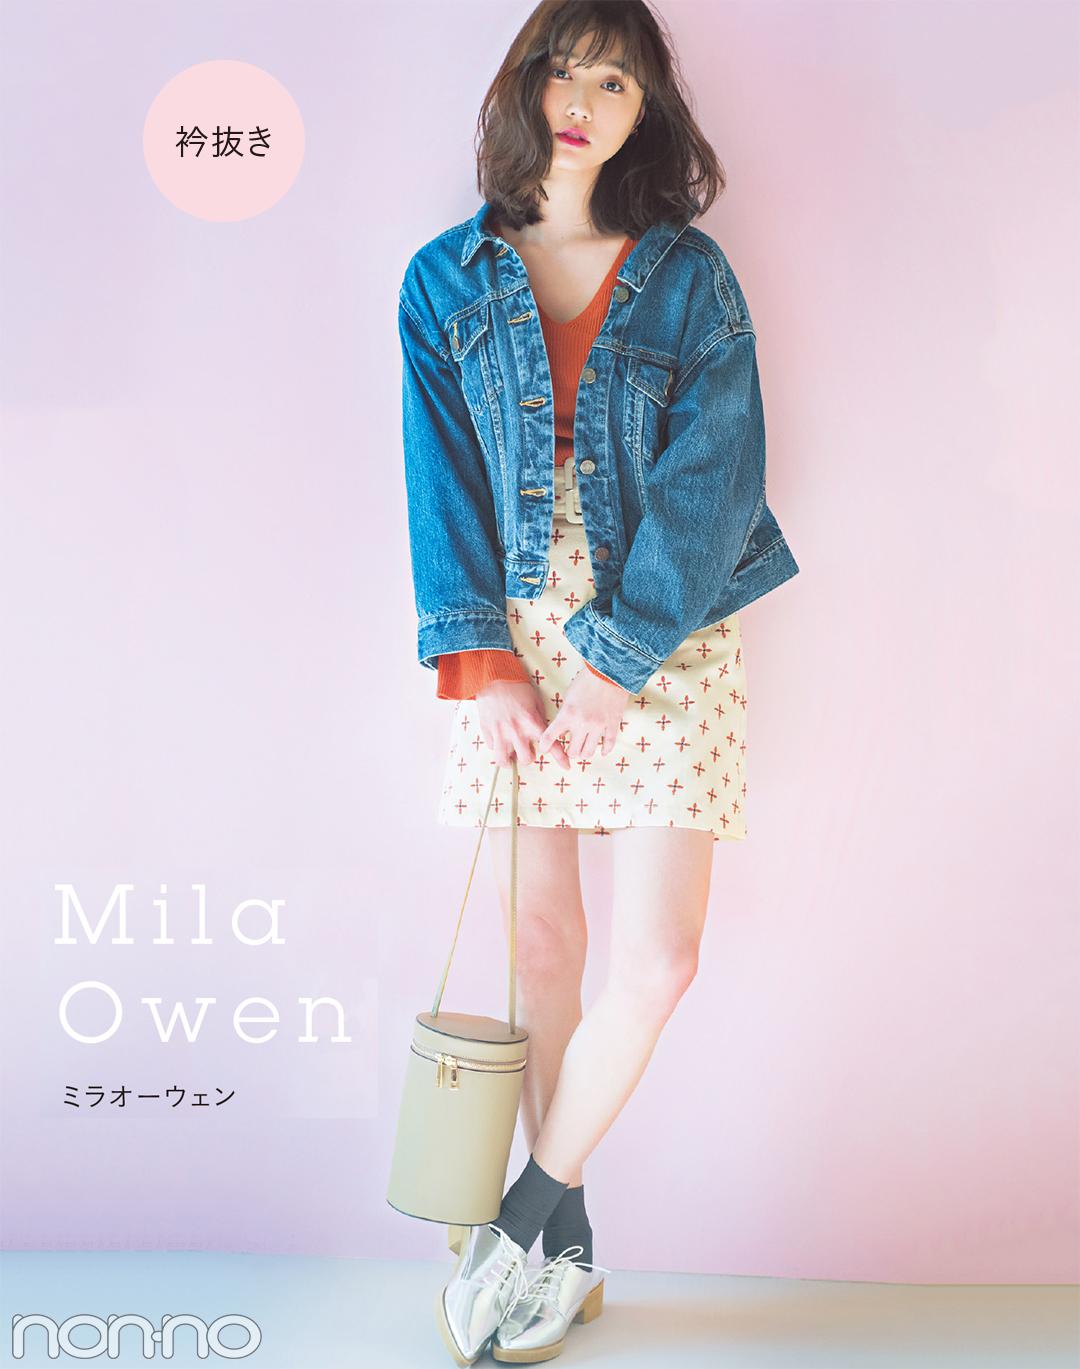 ミラ オーウェンの春の新作Gジャン♡ 襟抜きで女っぽさアップ!_1_1